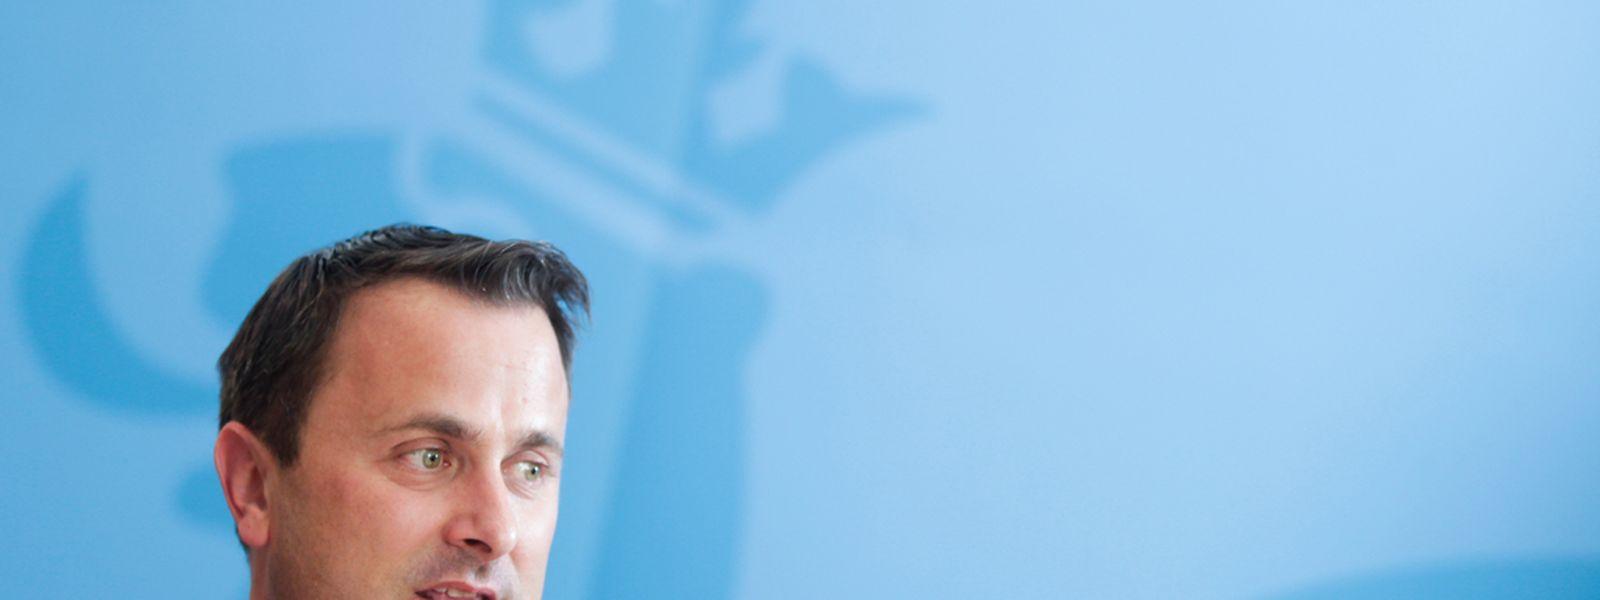 O primeiro-ministro Xavier Bettel critica tudo o que o CSV fez de errado nos últimos 10 anos, mas não diz que corta precisamente nos subsídios criados nos anos 70 pelos cristãos-sociais